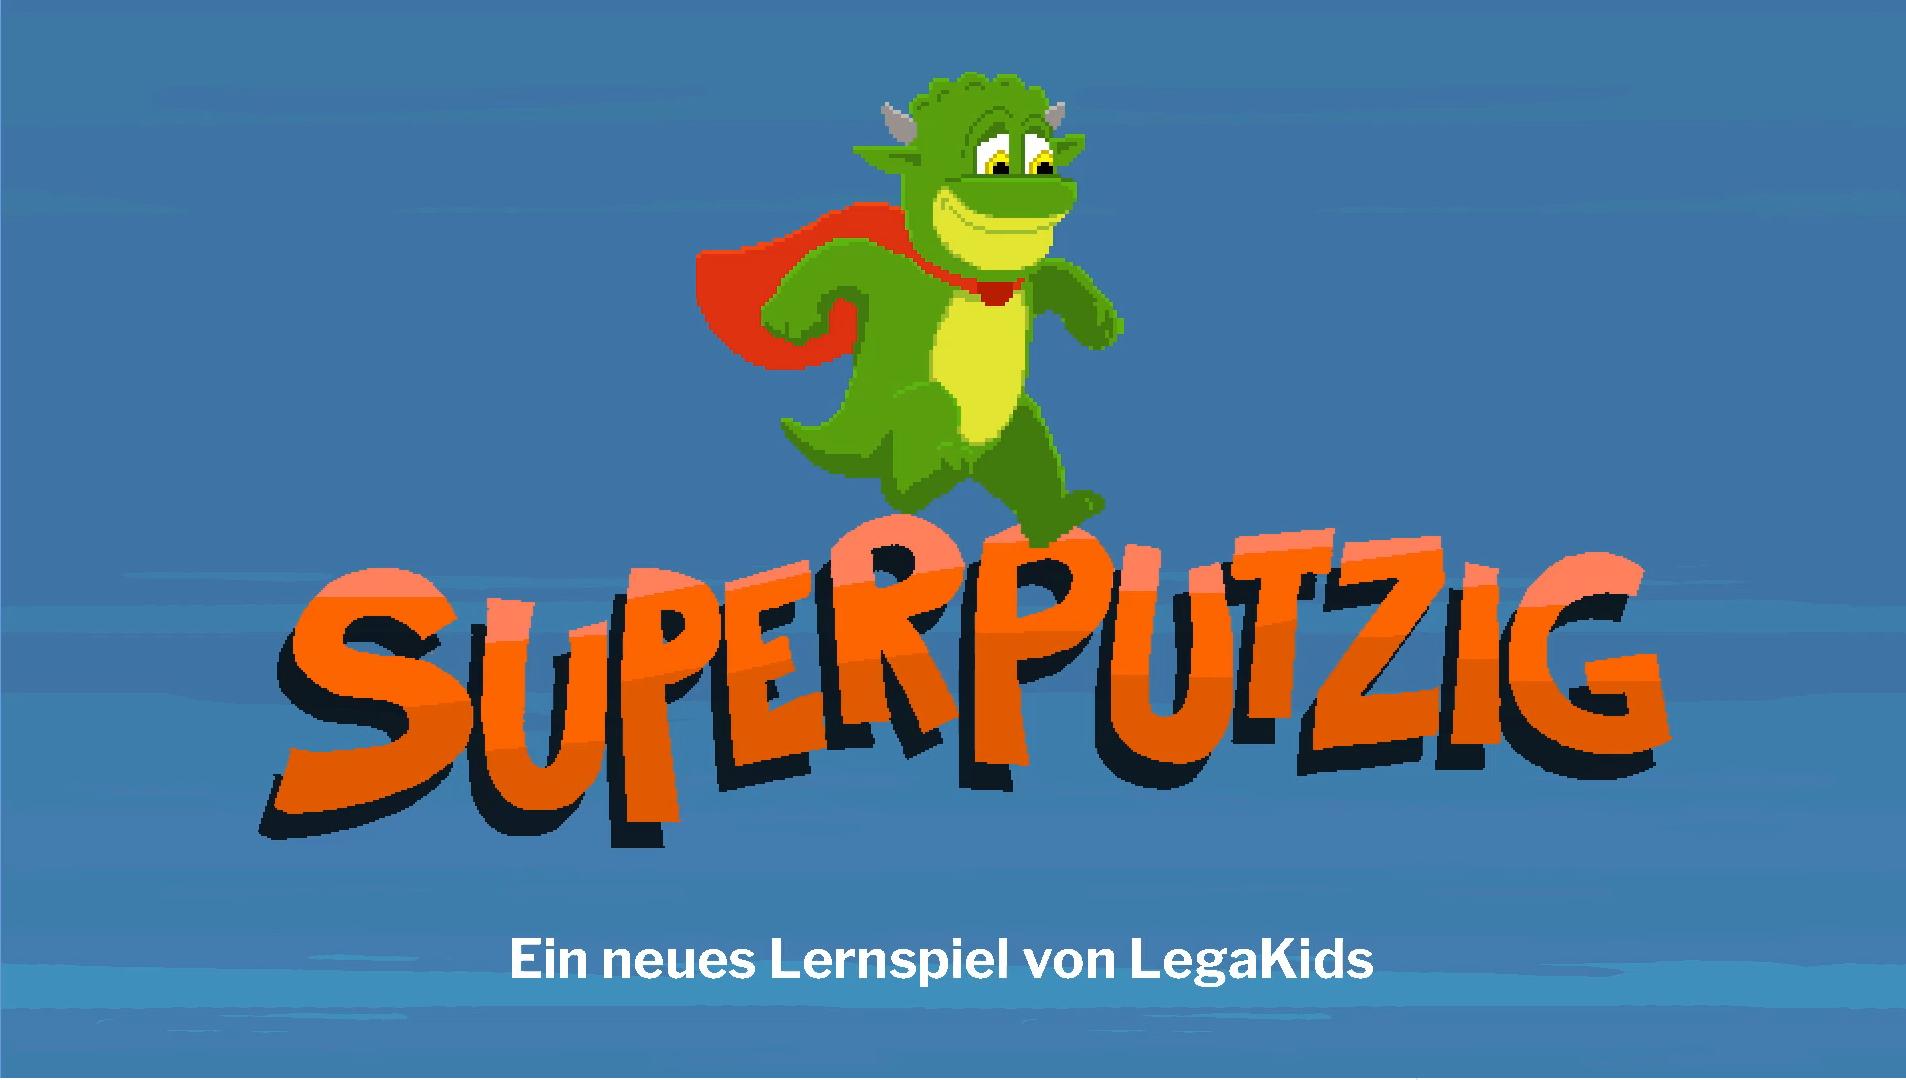 SuperPutzig - ein tolles neues Lernspiel